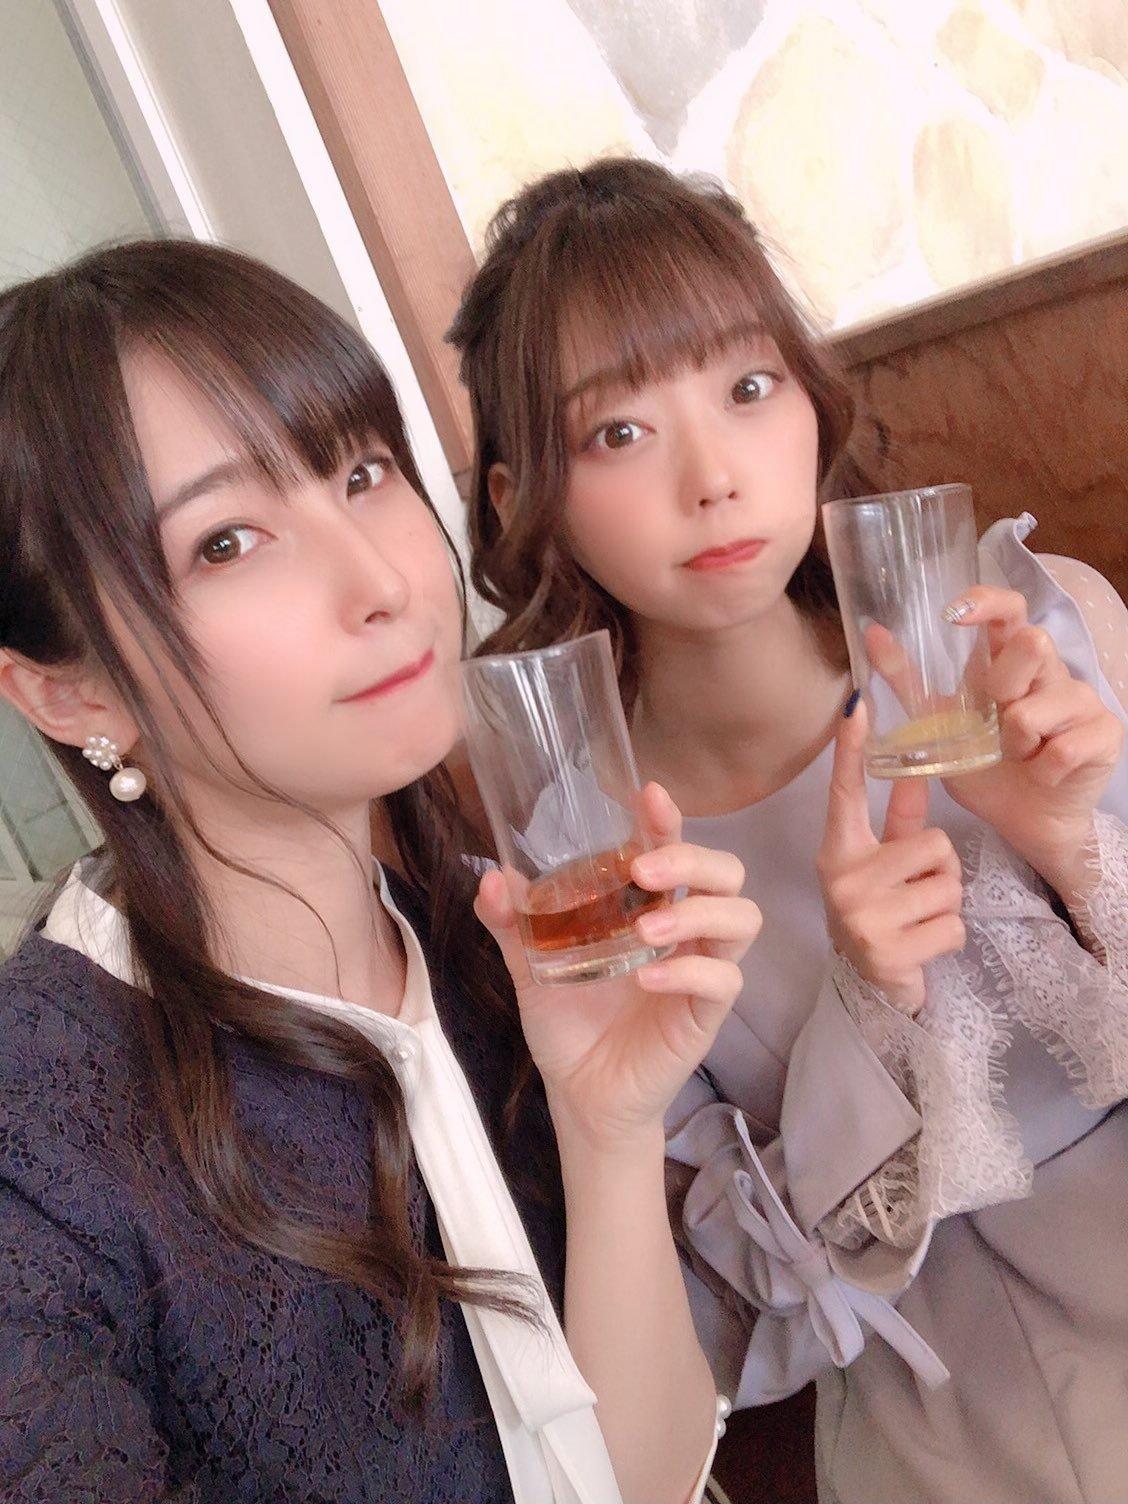 kawasaki__aya 1233696326157619202_p0